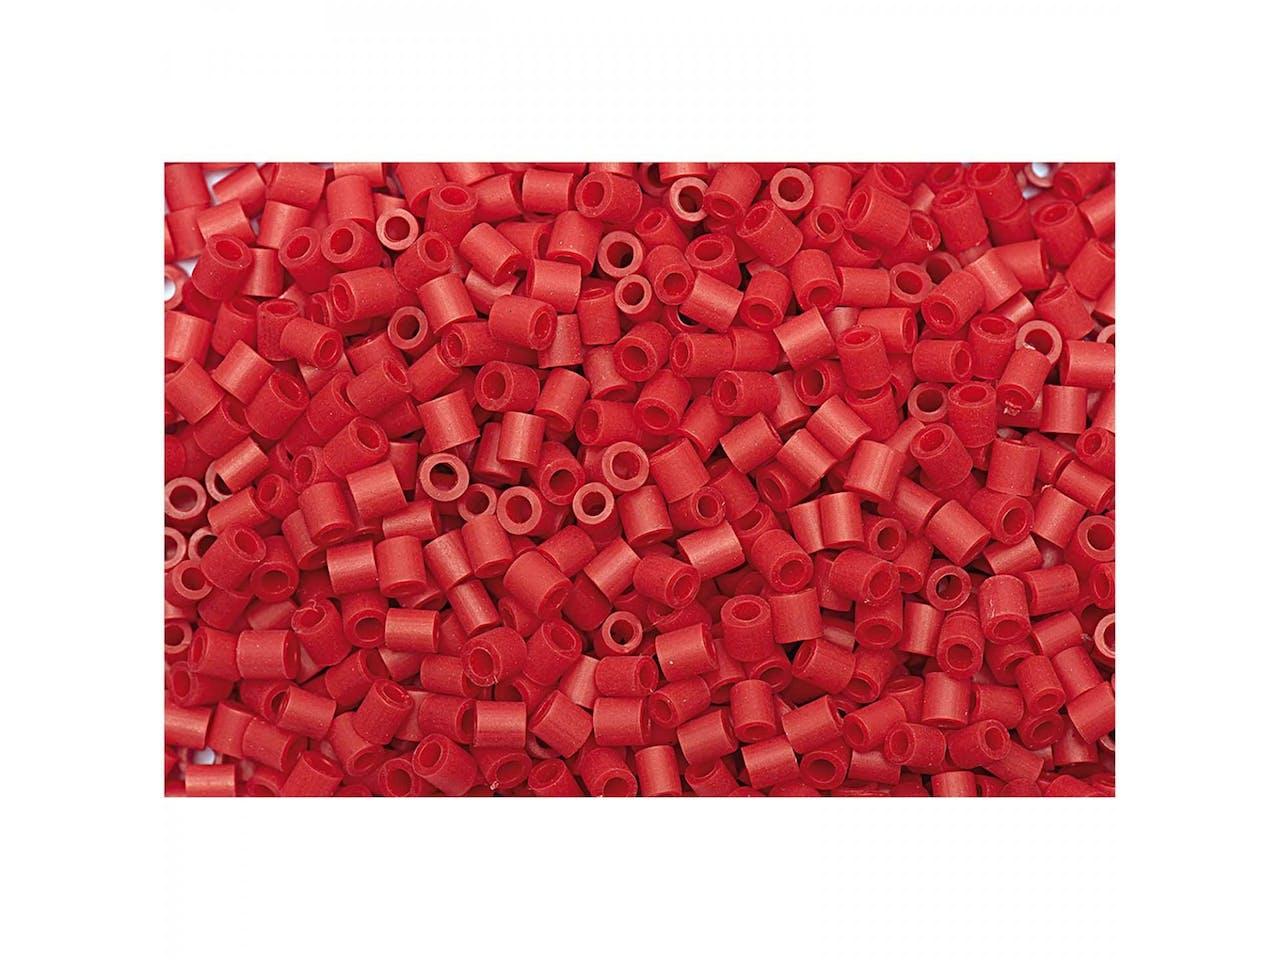 Bügelperlen, 50 x 50 mm, ca. 1000 Stück, rot